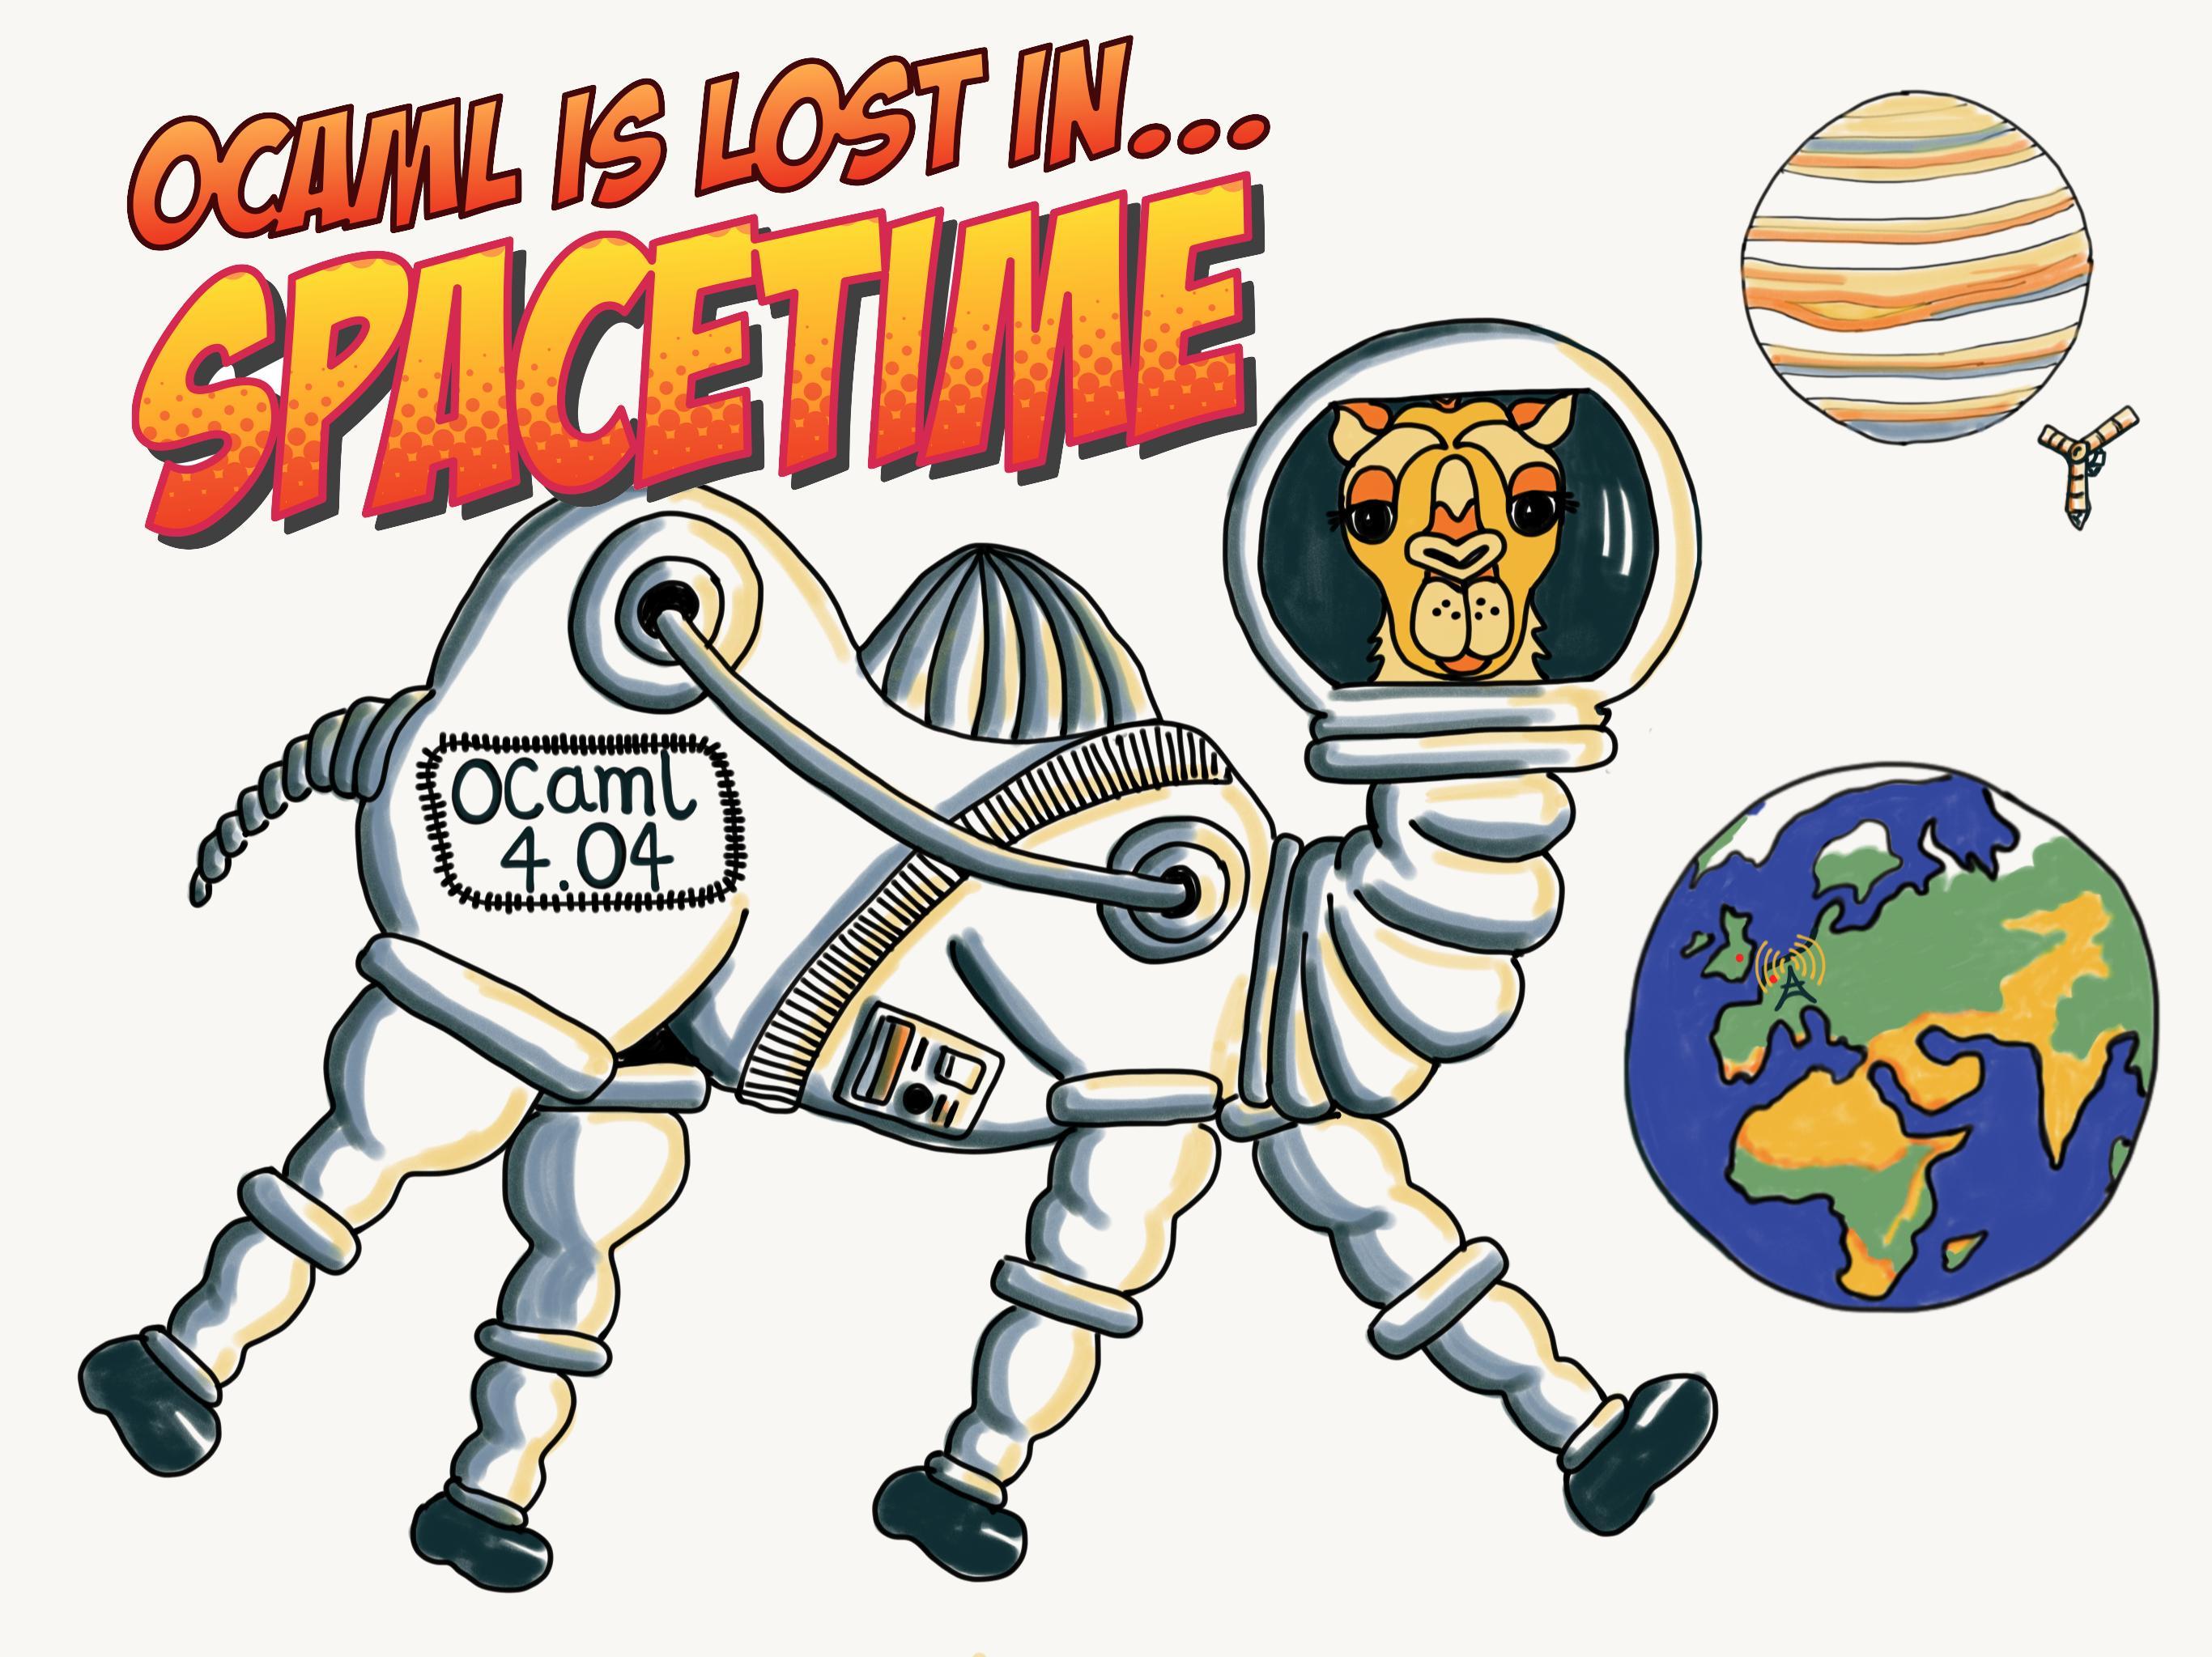 Jane Street Tech Blog - A brief trip through Spacetime